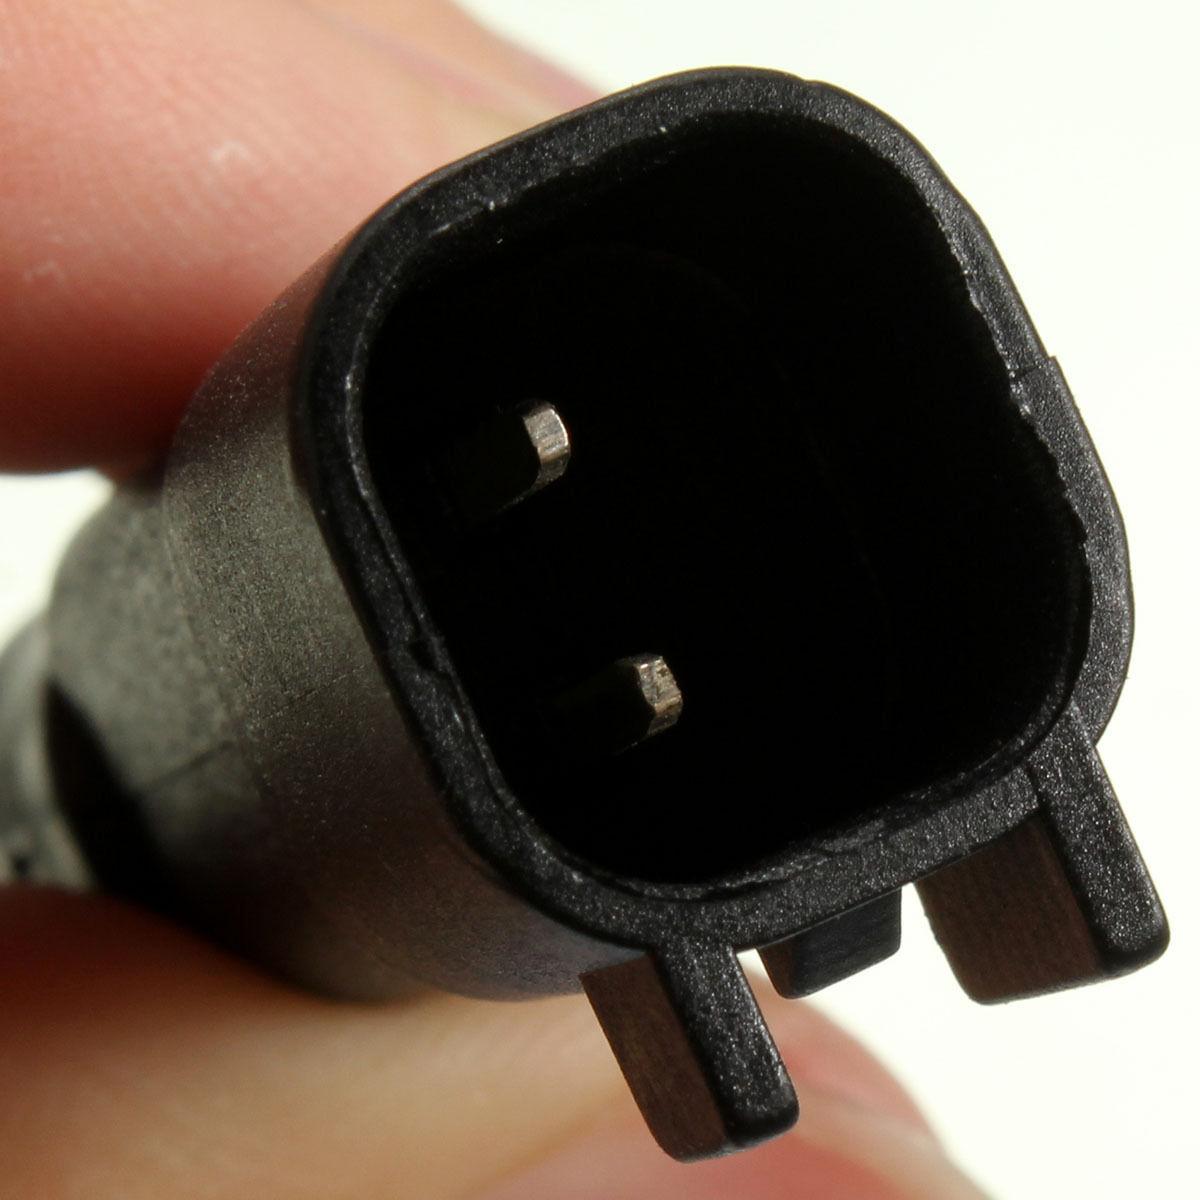 Sensor Freio ABS Asx Outlander 2.4 3.0 4X2 07 a 12 Dianteiro Direito 4670a576 4670a032